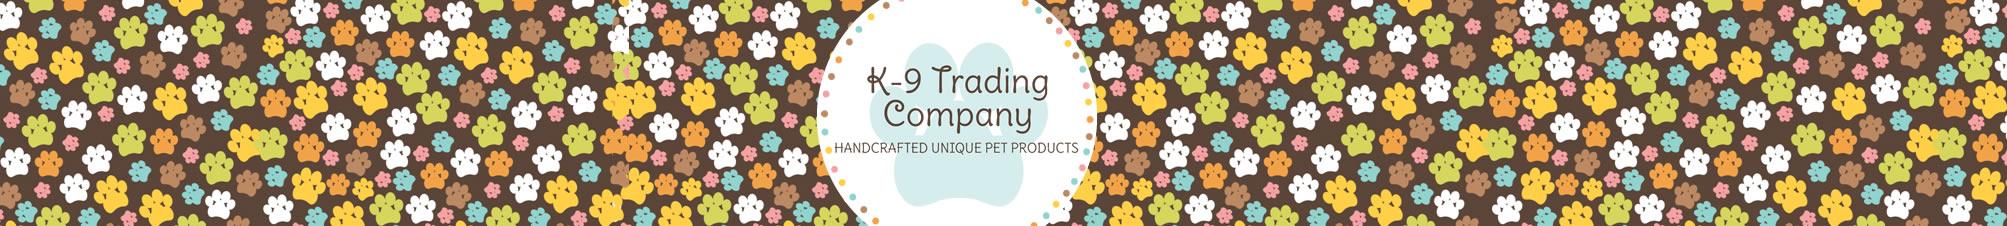 K9 Trading Company